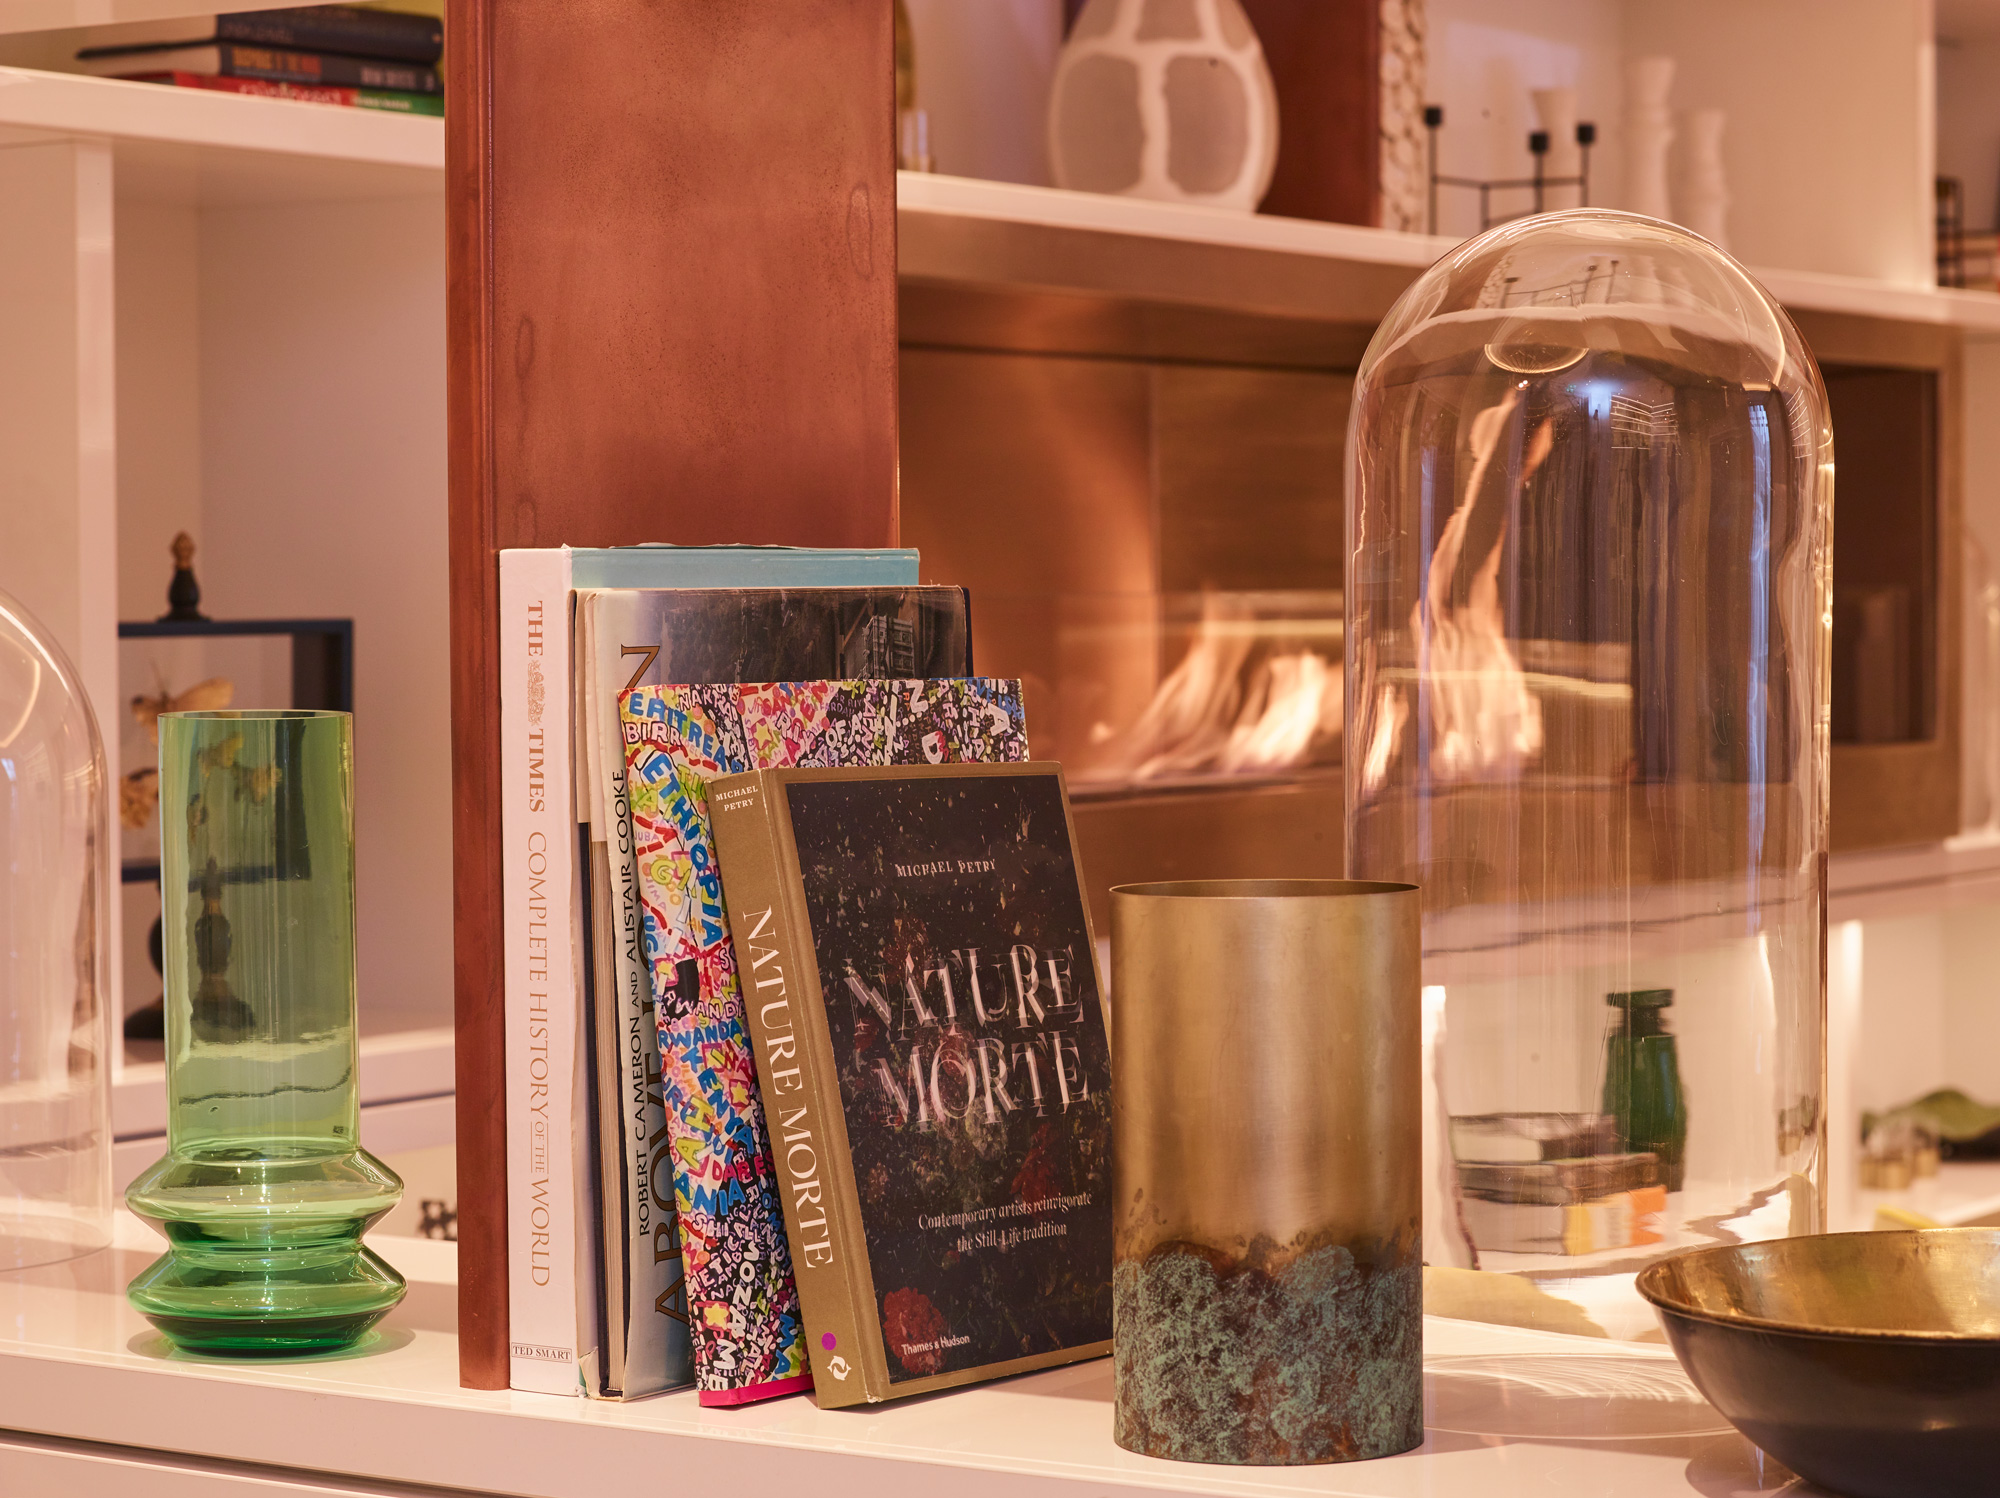 Nous design award winning international interior design for Award winning interior designs